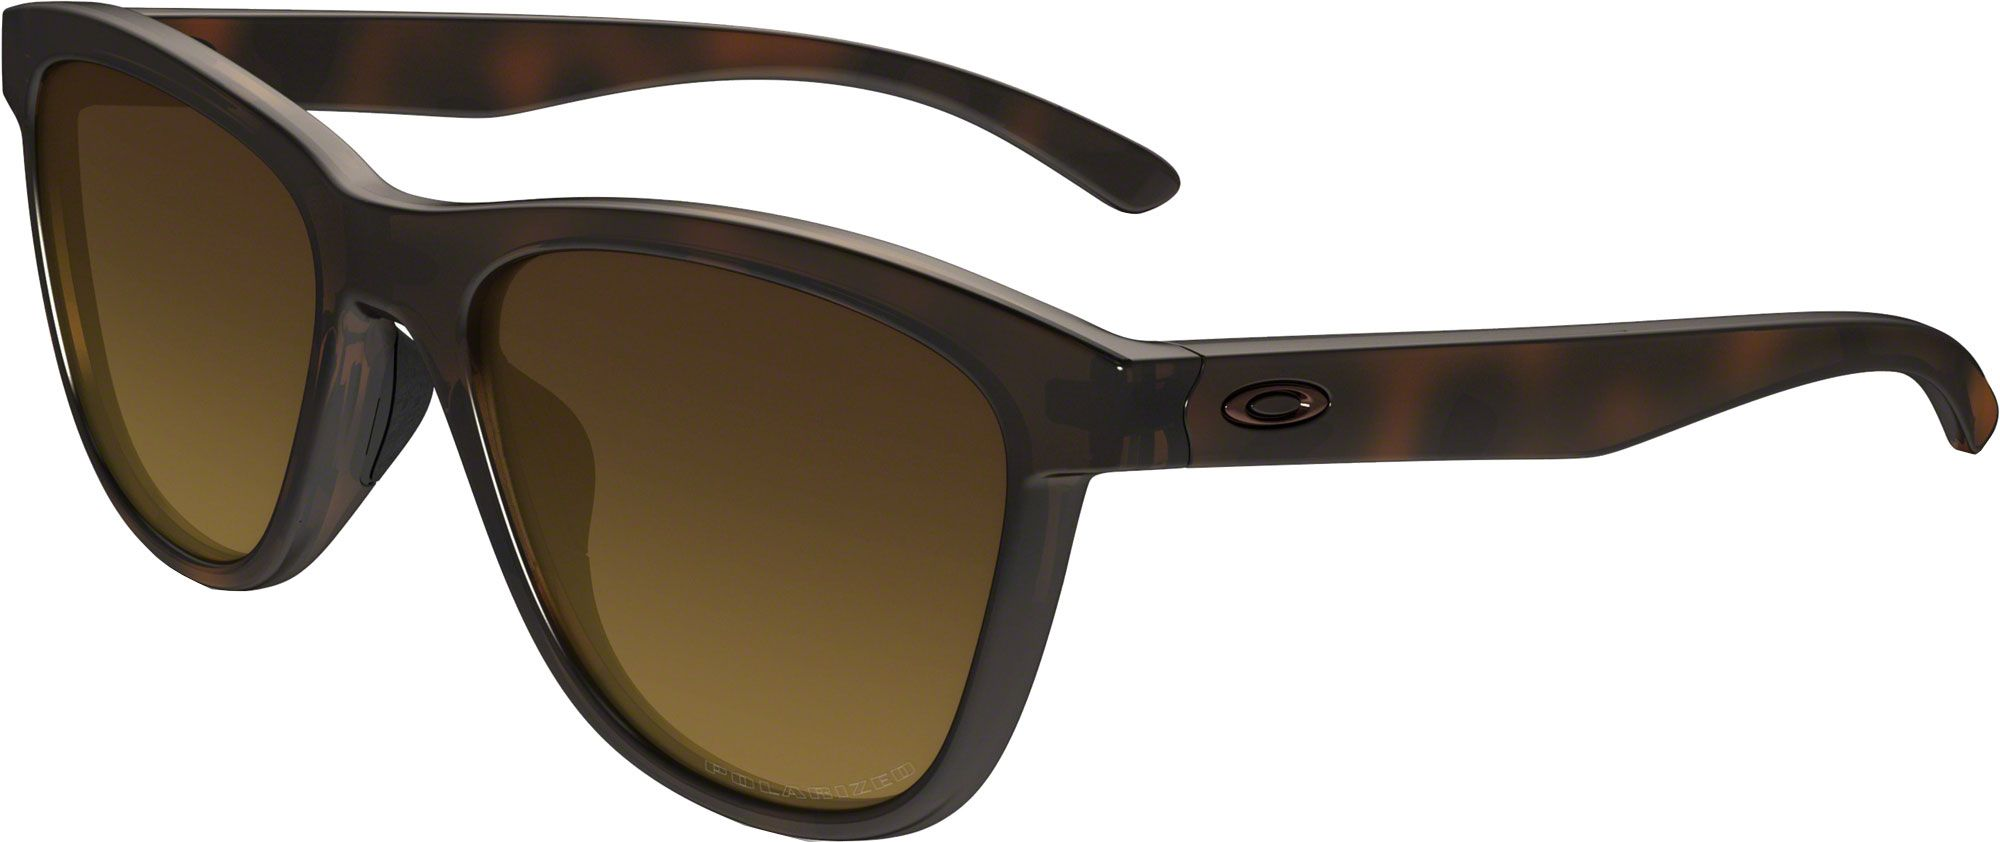 oakley women's polarized sunglasses ,oakley sunglasses ...